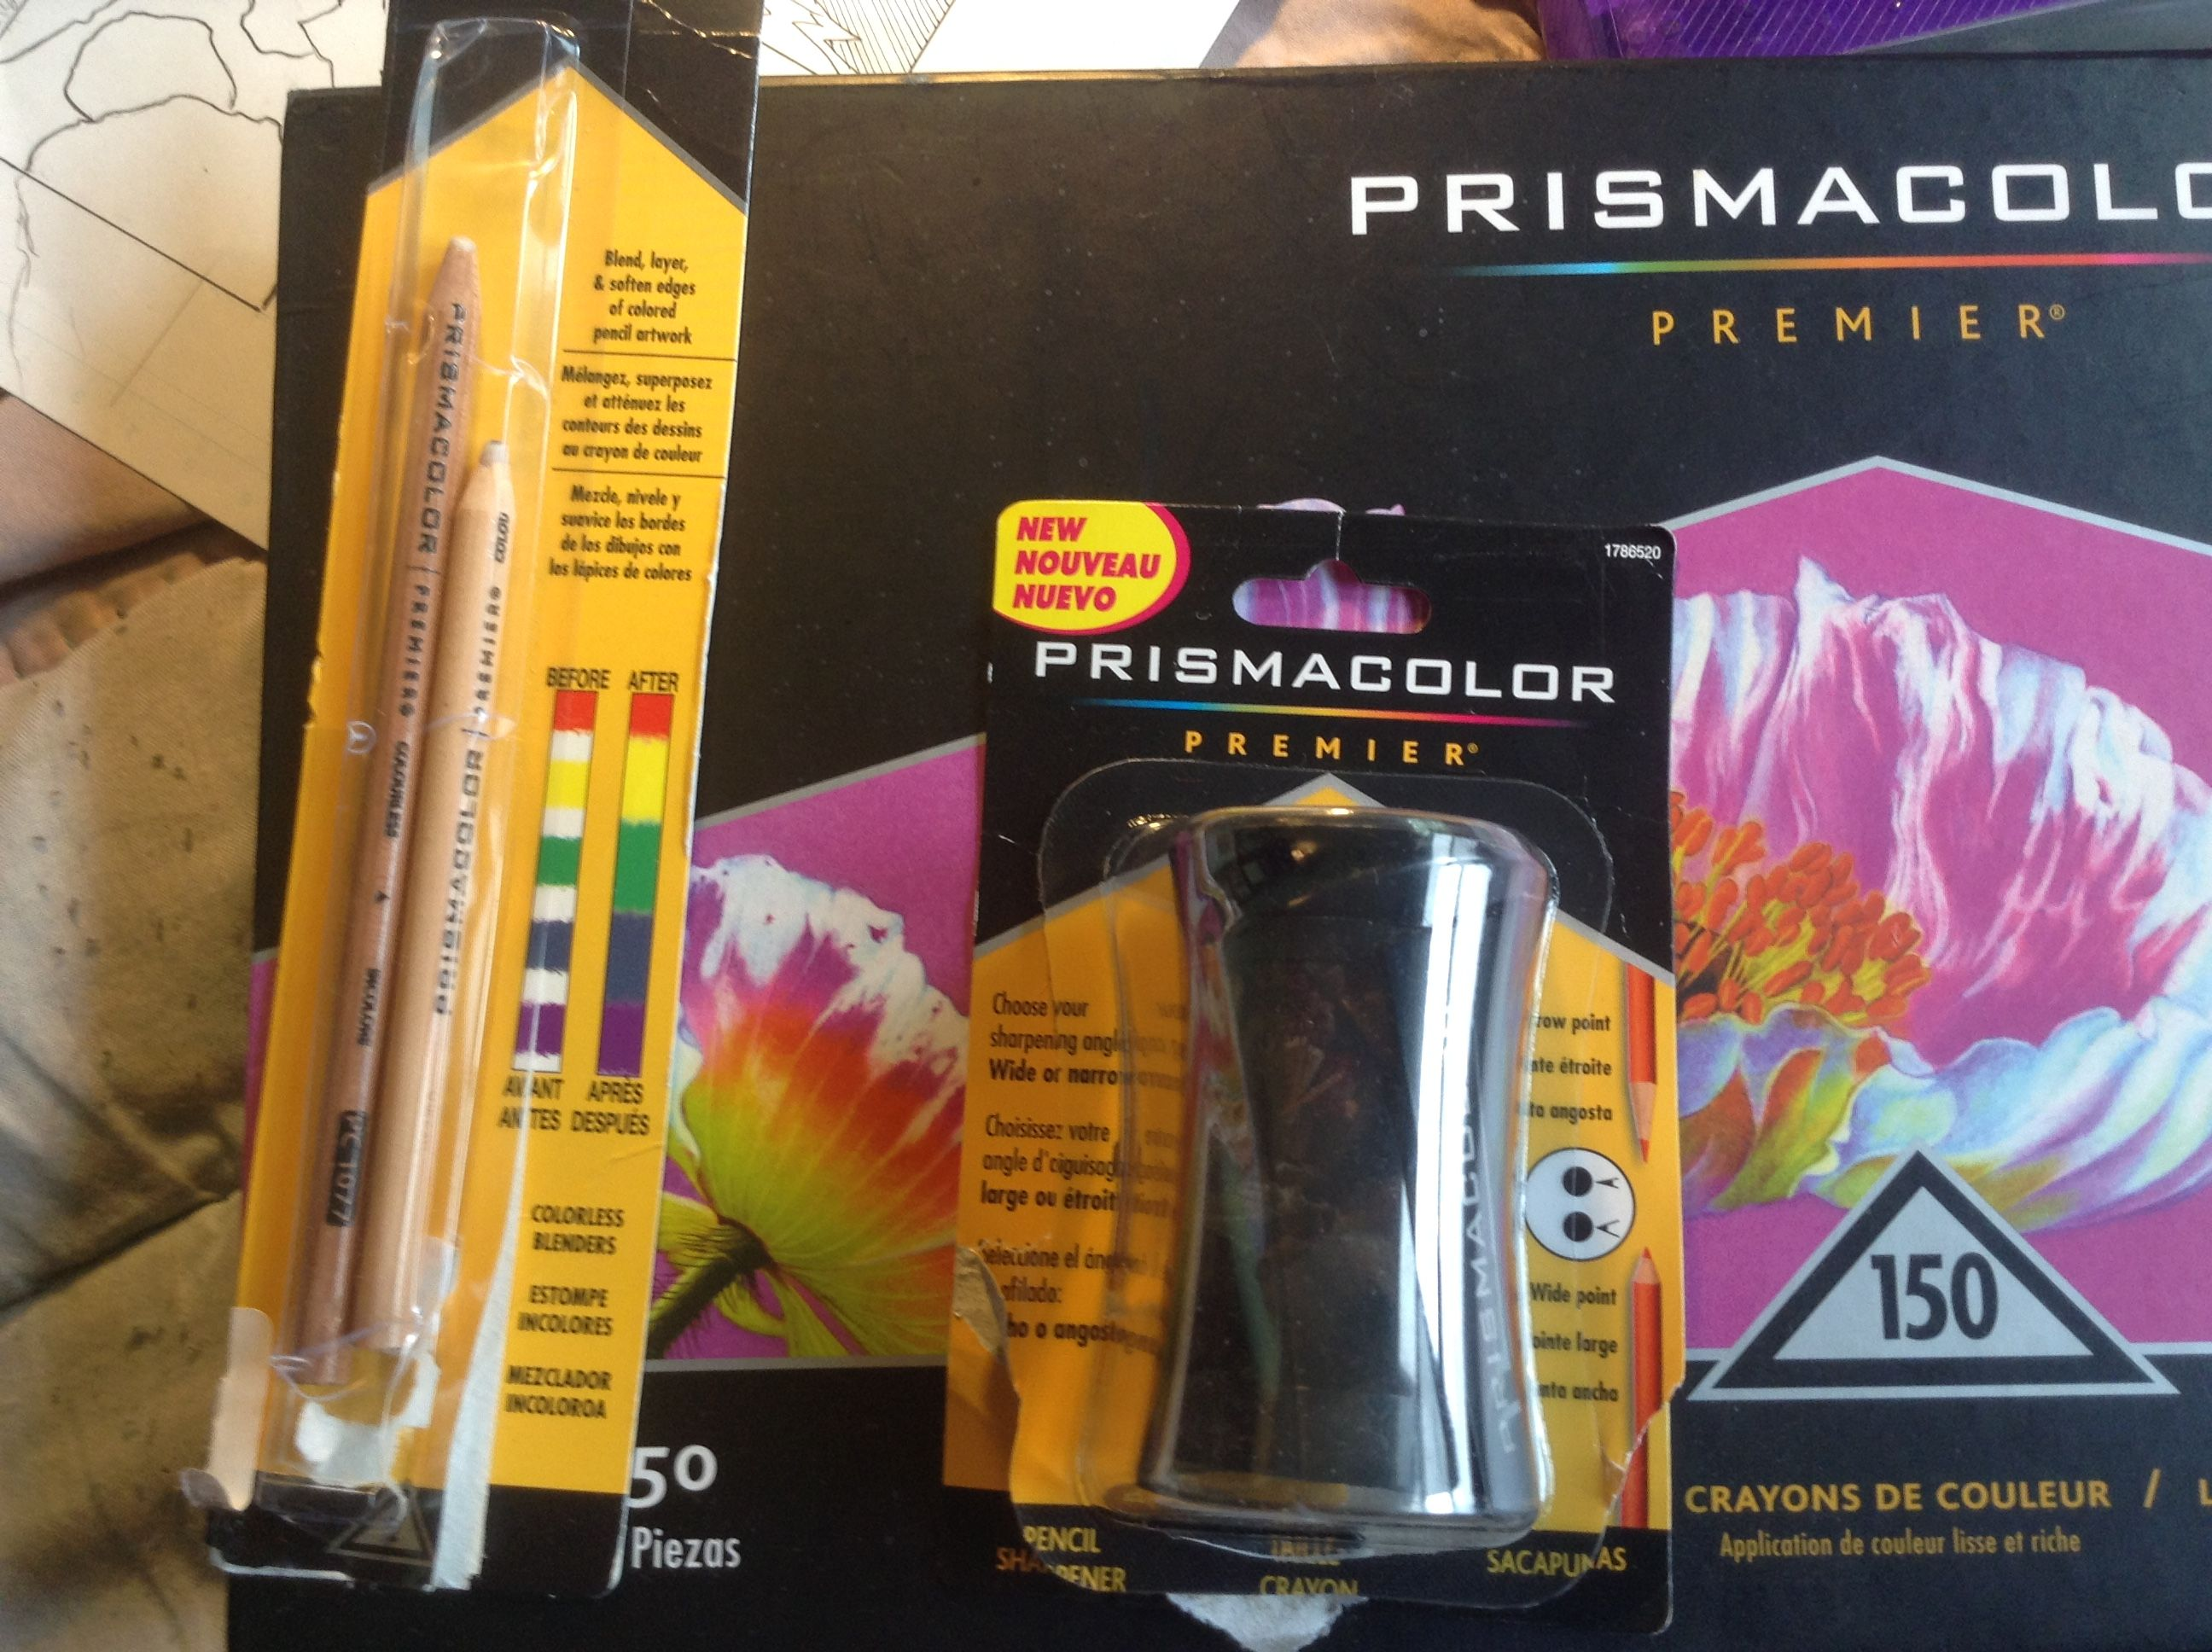 My prismacolor blender pencils and sharpener prismacolor